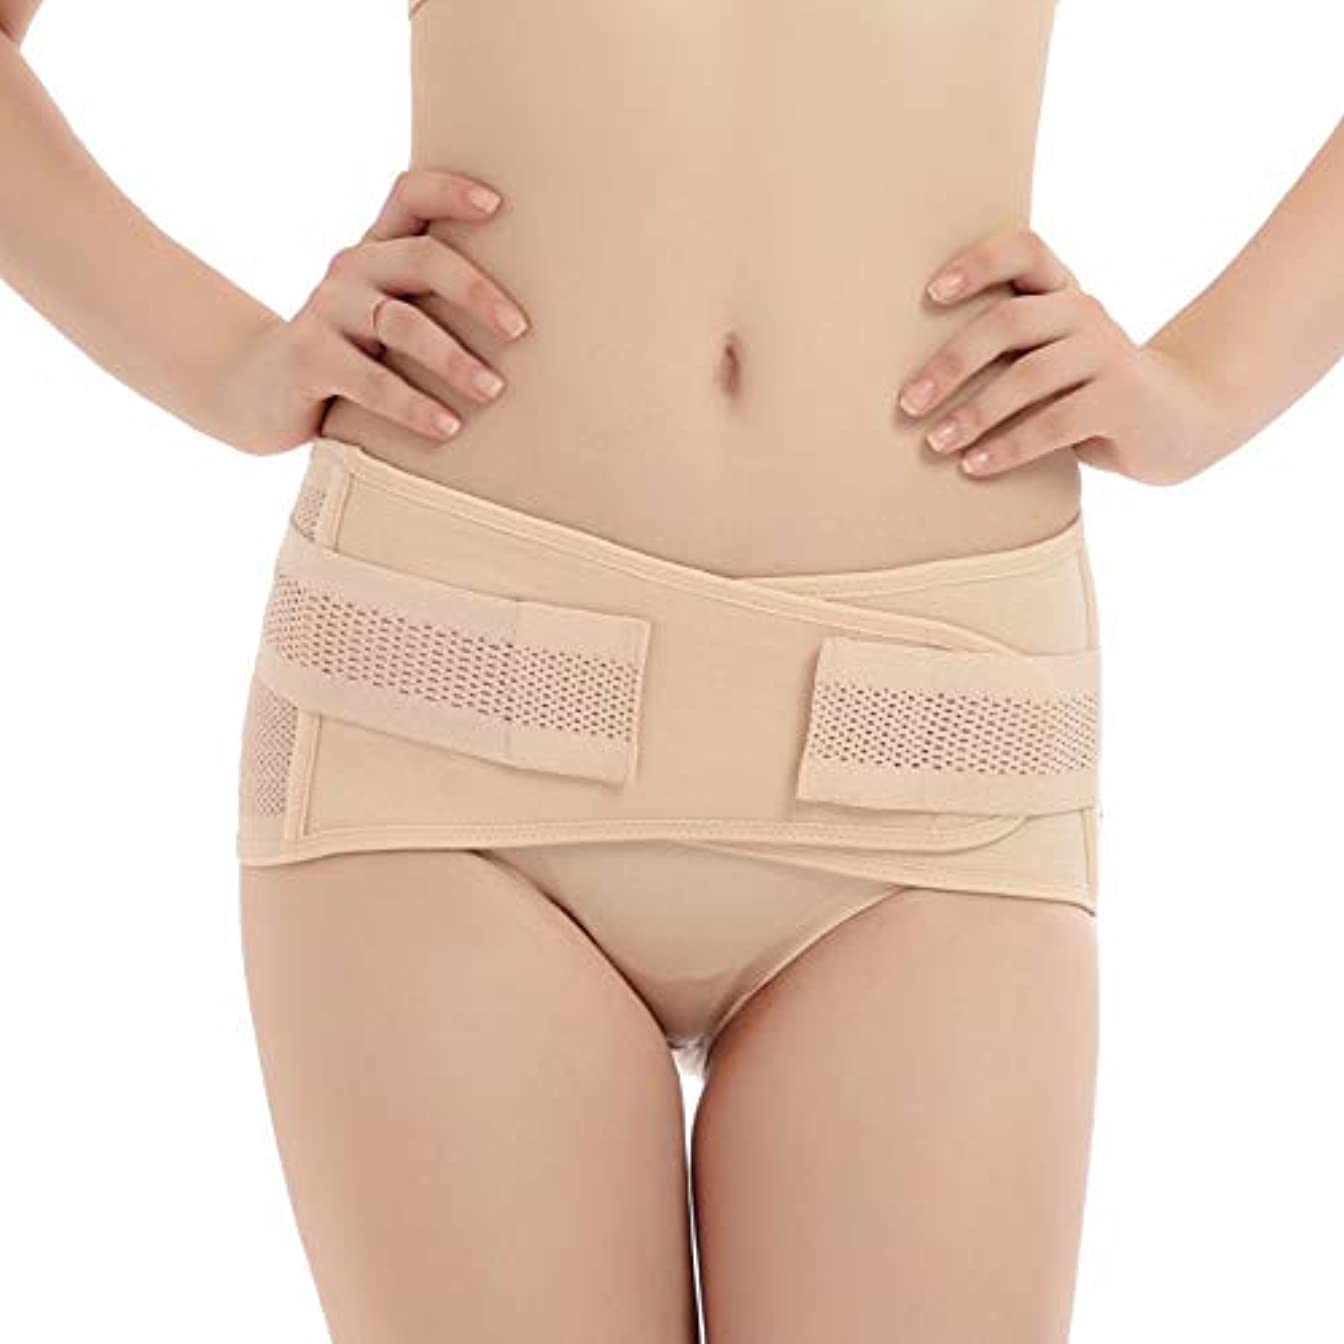 市民天窓アジアCoolTack  妊娠中の女性産後骨盤正しいベルト腹巻き取り骨盤骨盤整形外科用ベルト